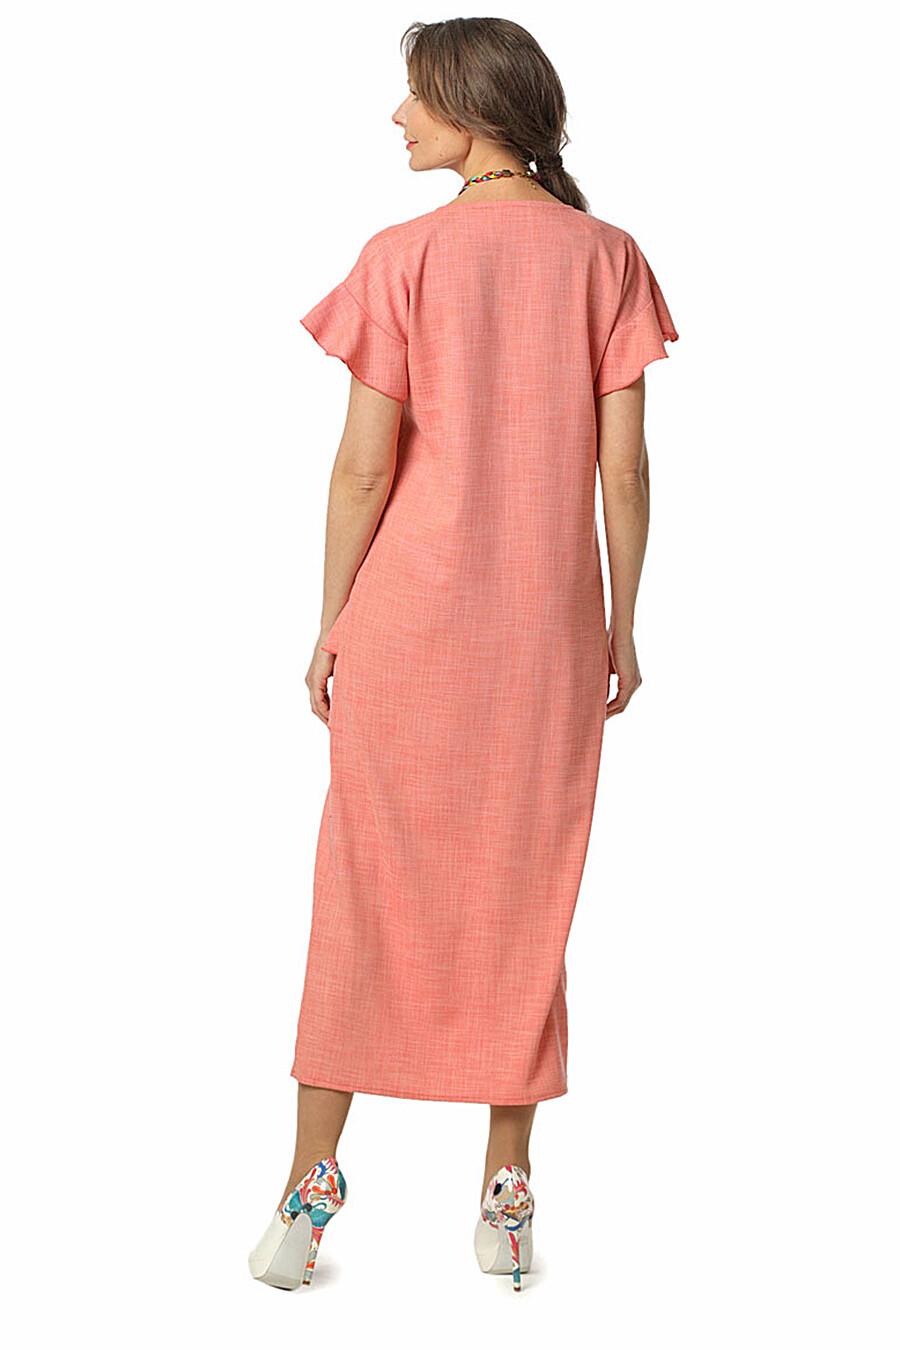 Платье DIZZYWAY (115037), купить в Moyo.moda